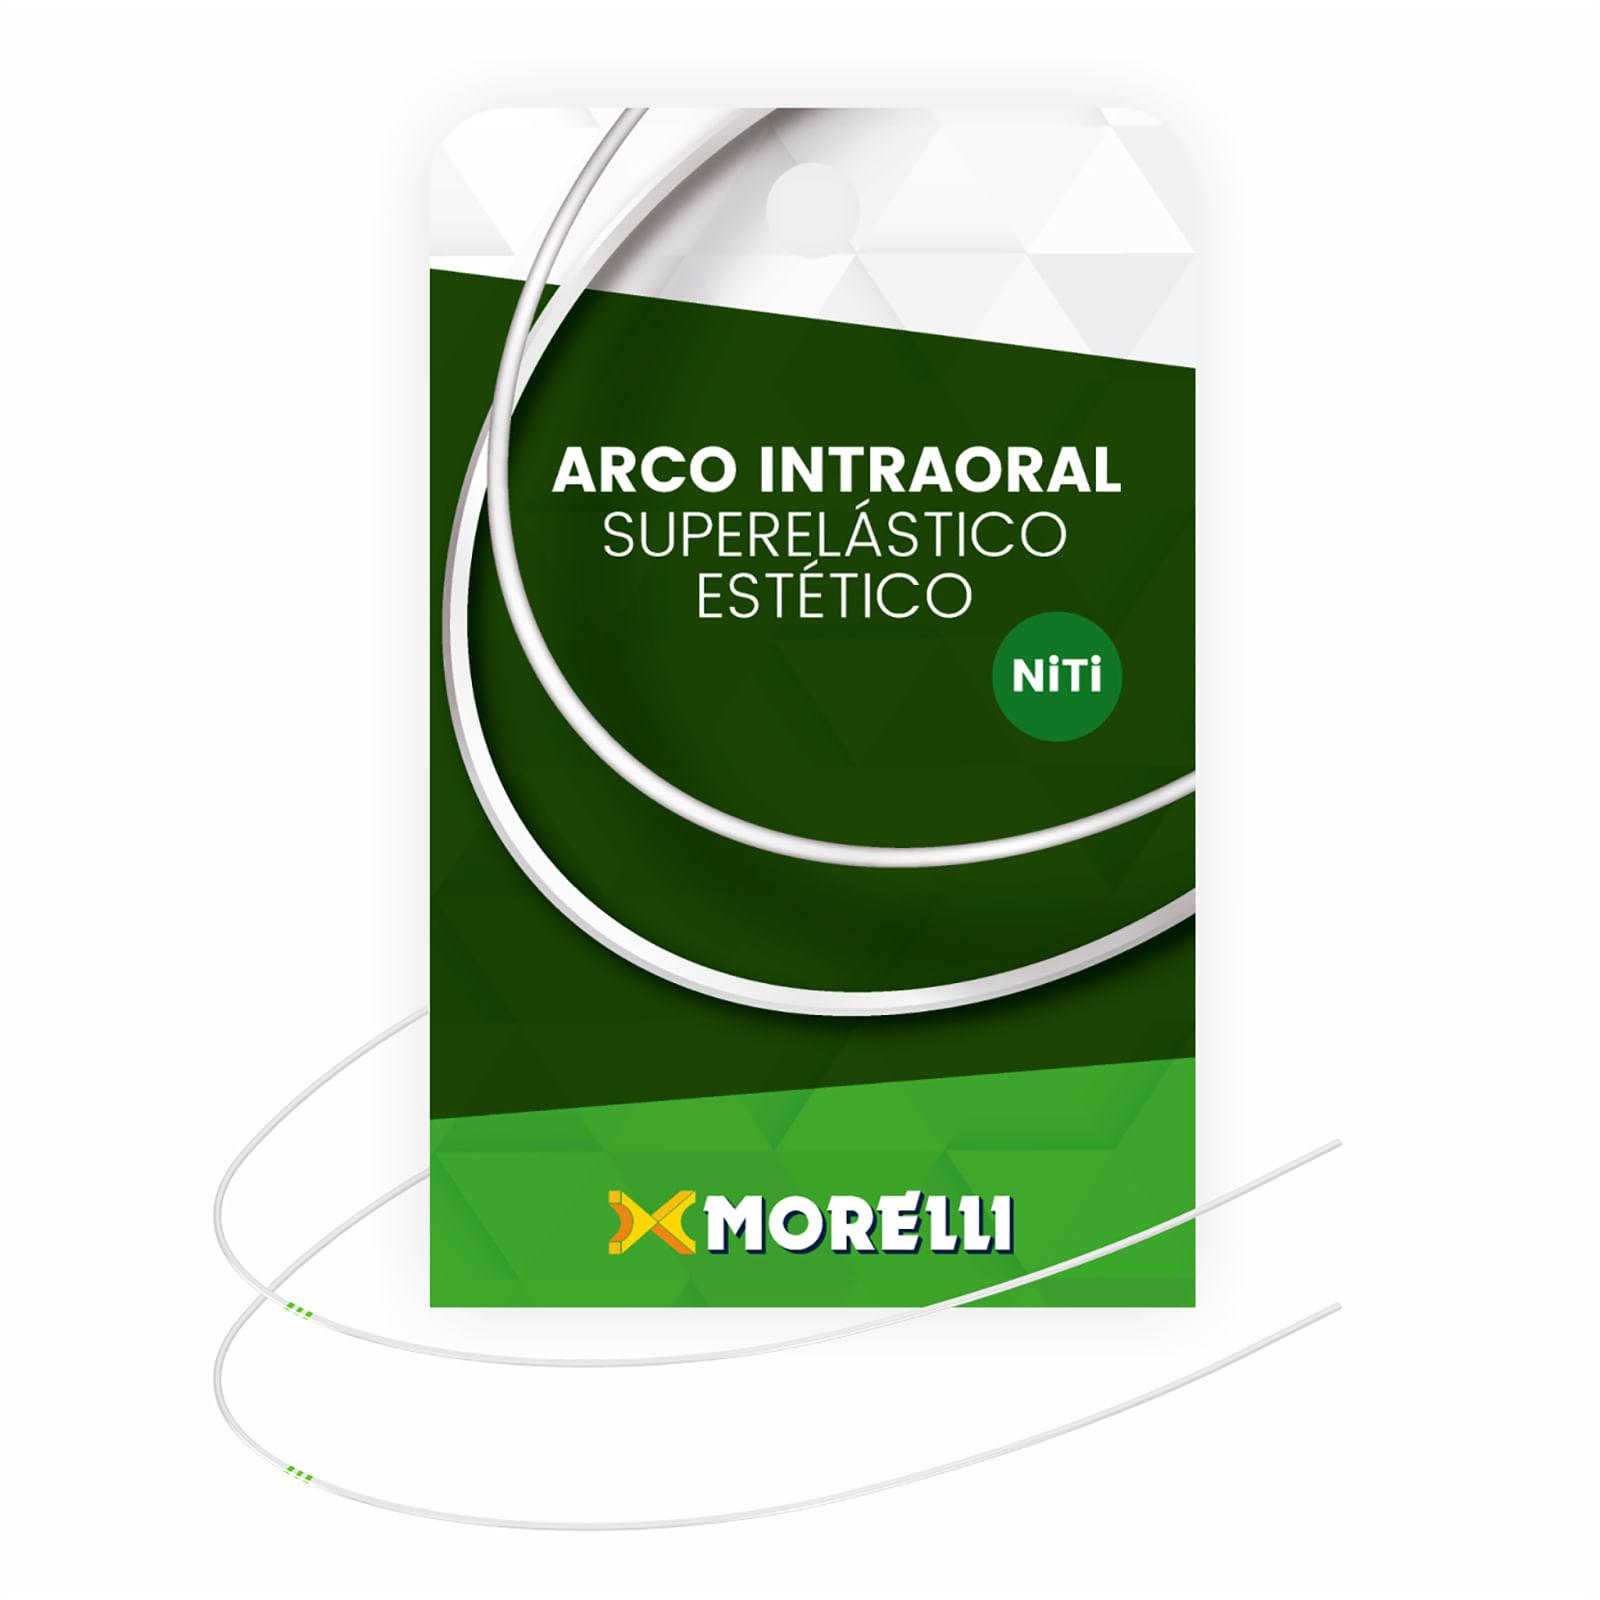 ARCO-ESTETICO-INTRAORAL-SUPERELASTICO-NITI---COLORIDO-BEGE---REDONDO-.014--GRANDE---MORELLI